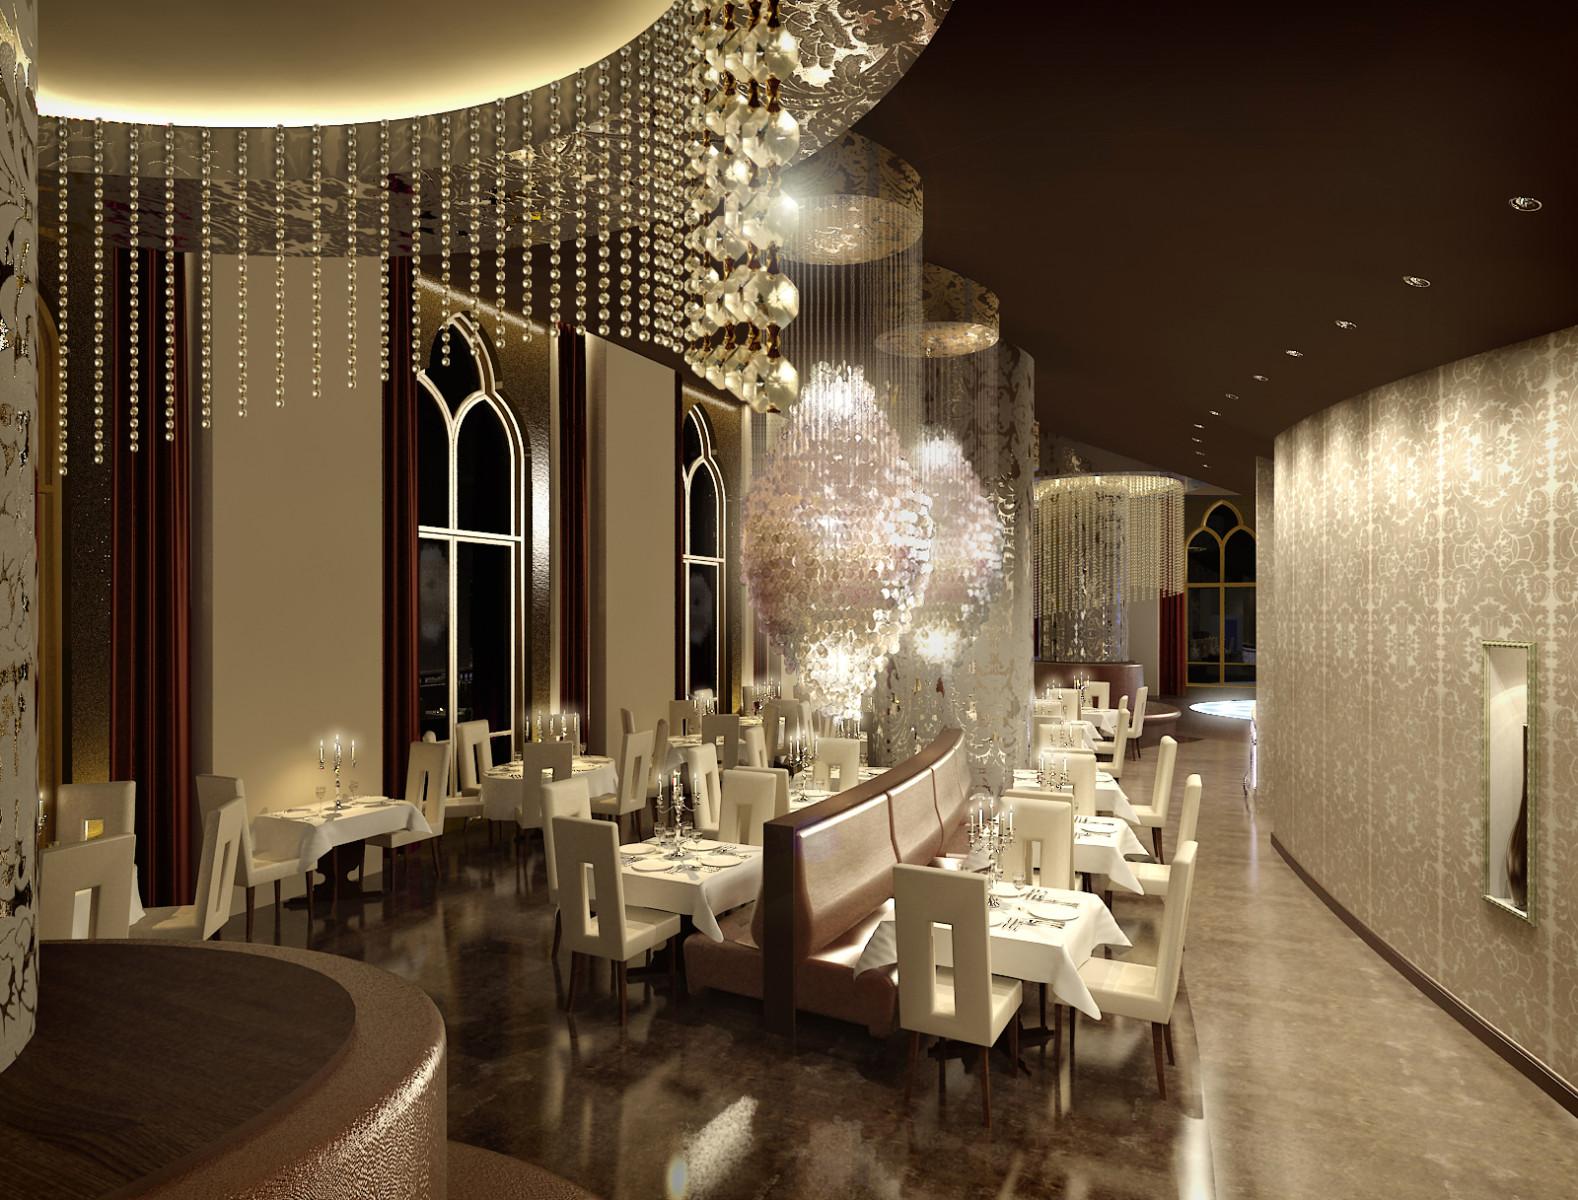 Abu Dhabi Emirates Palace main image